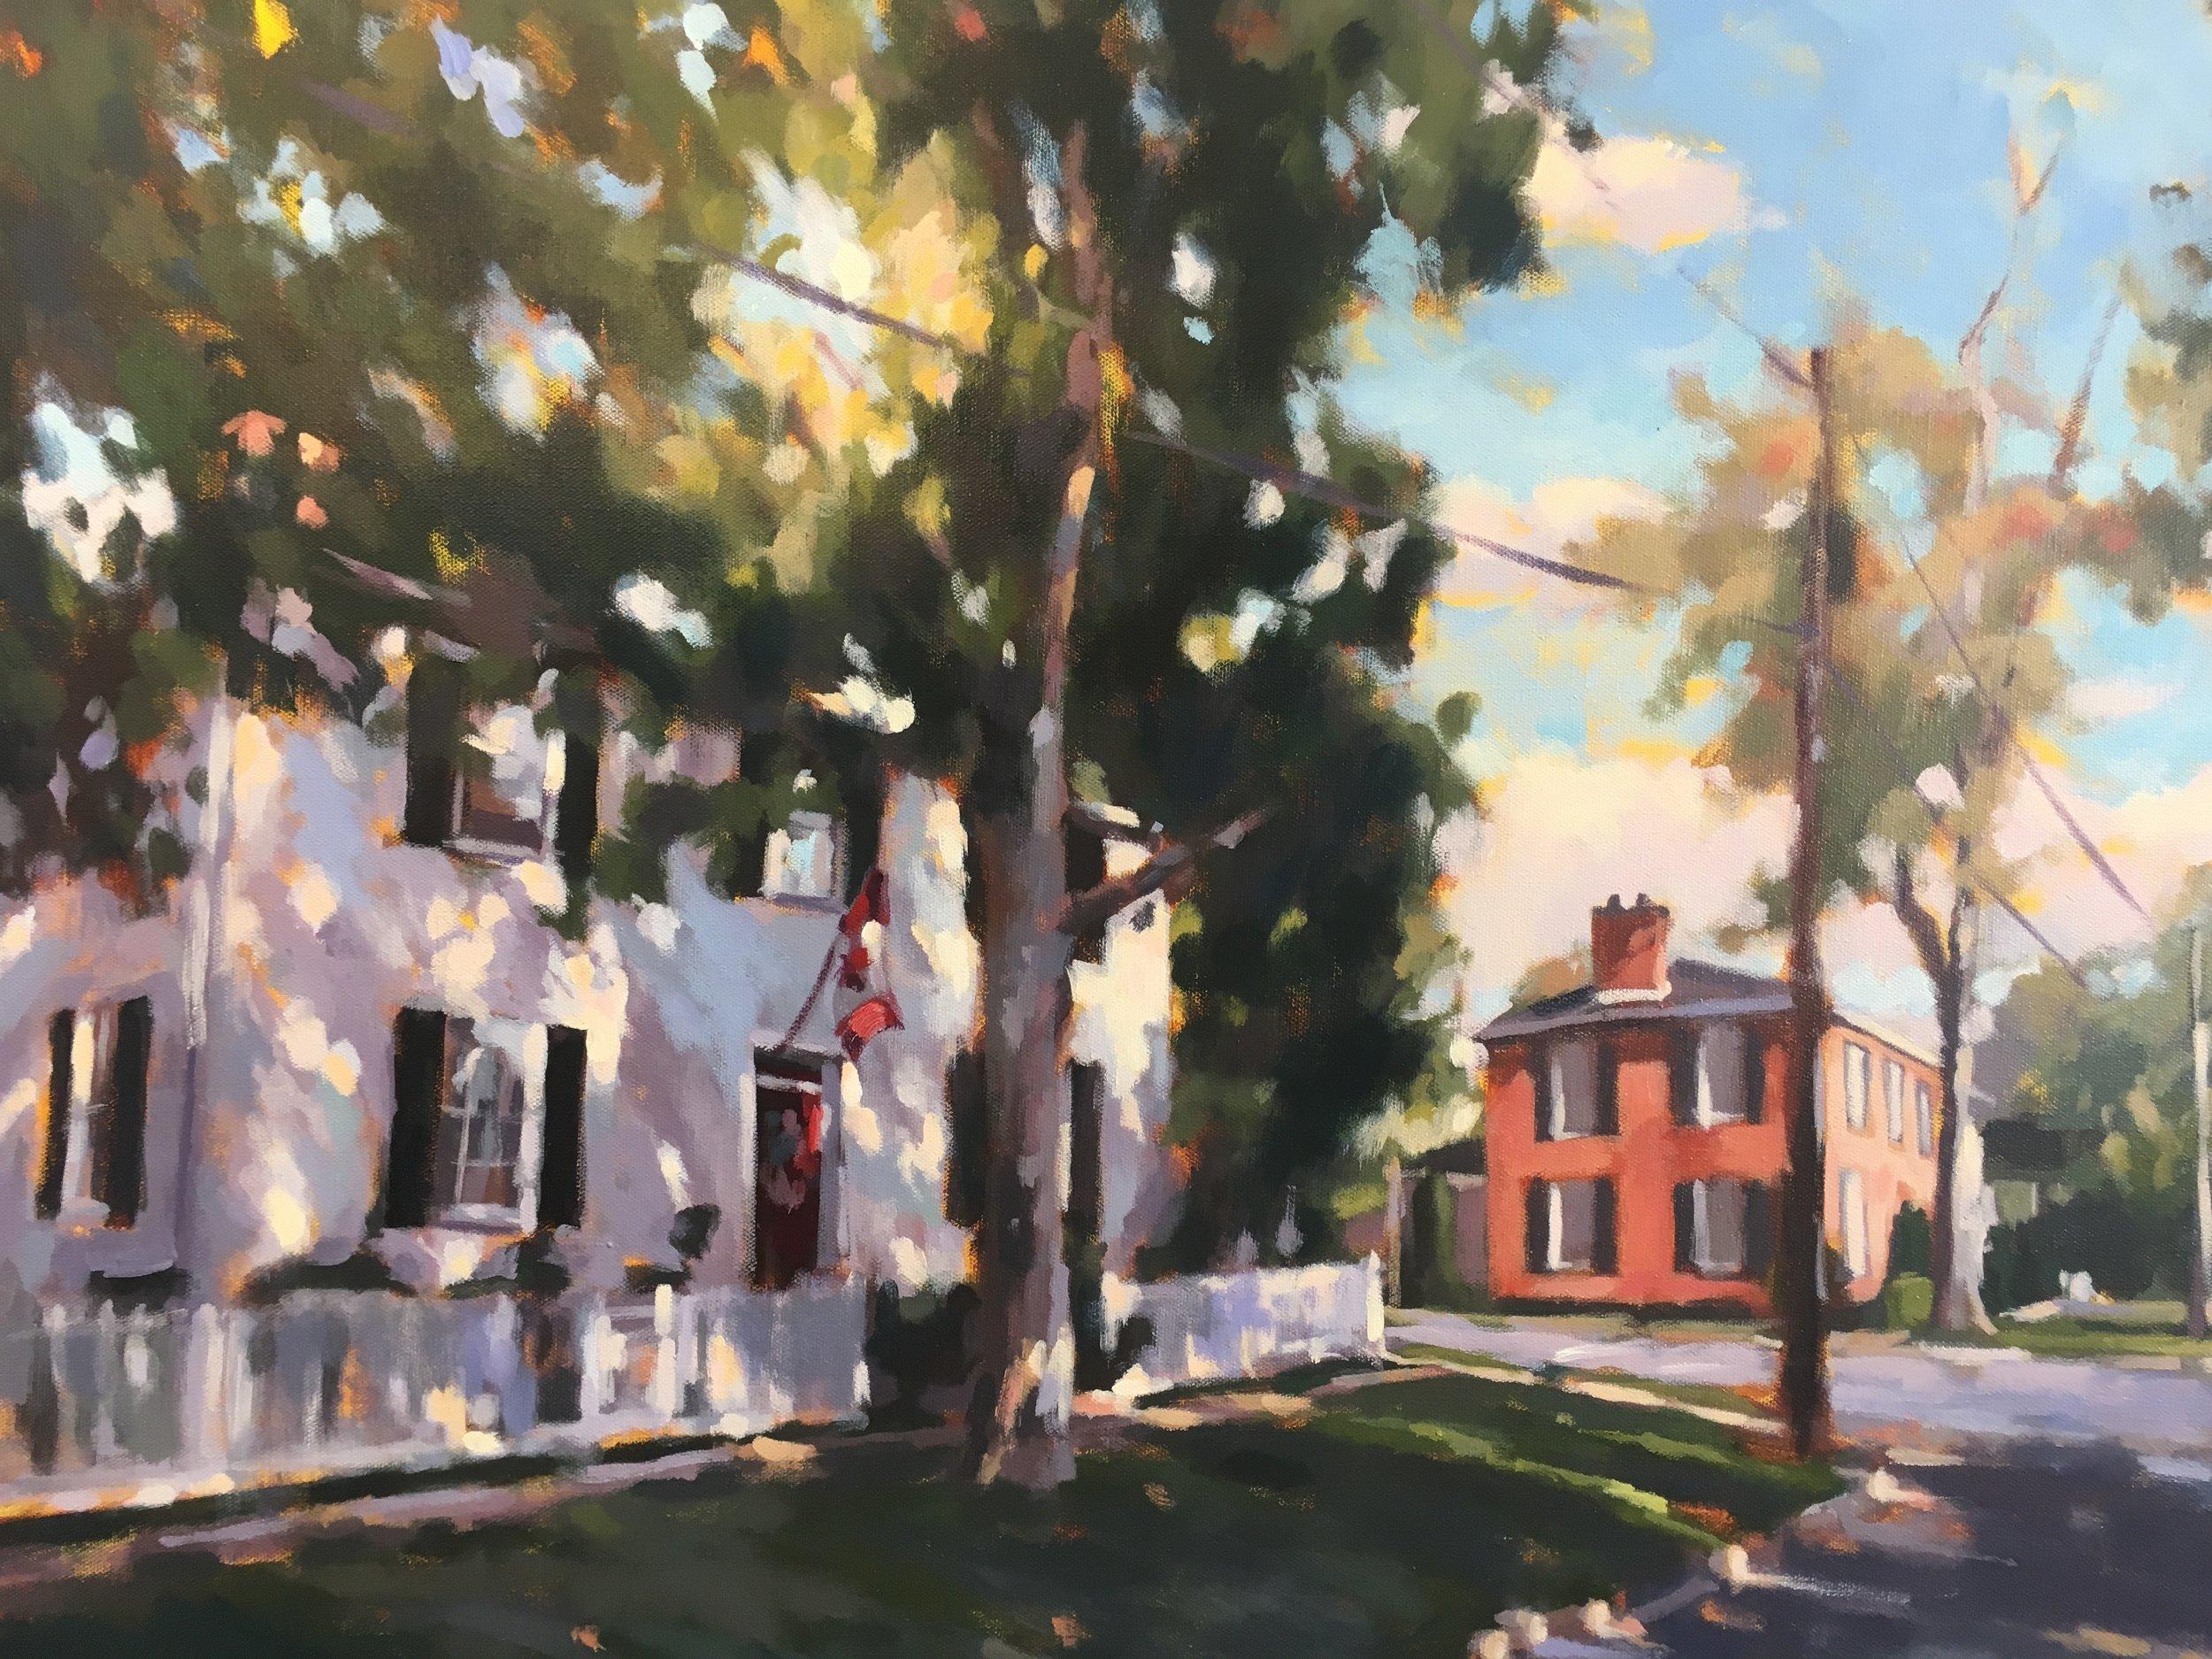 JuliePonesse_JohnsonStreetShadows.jpg